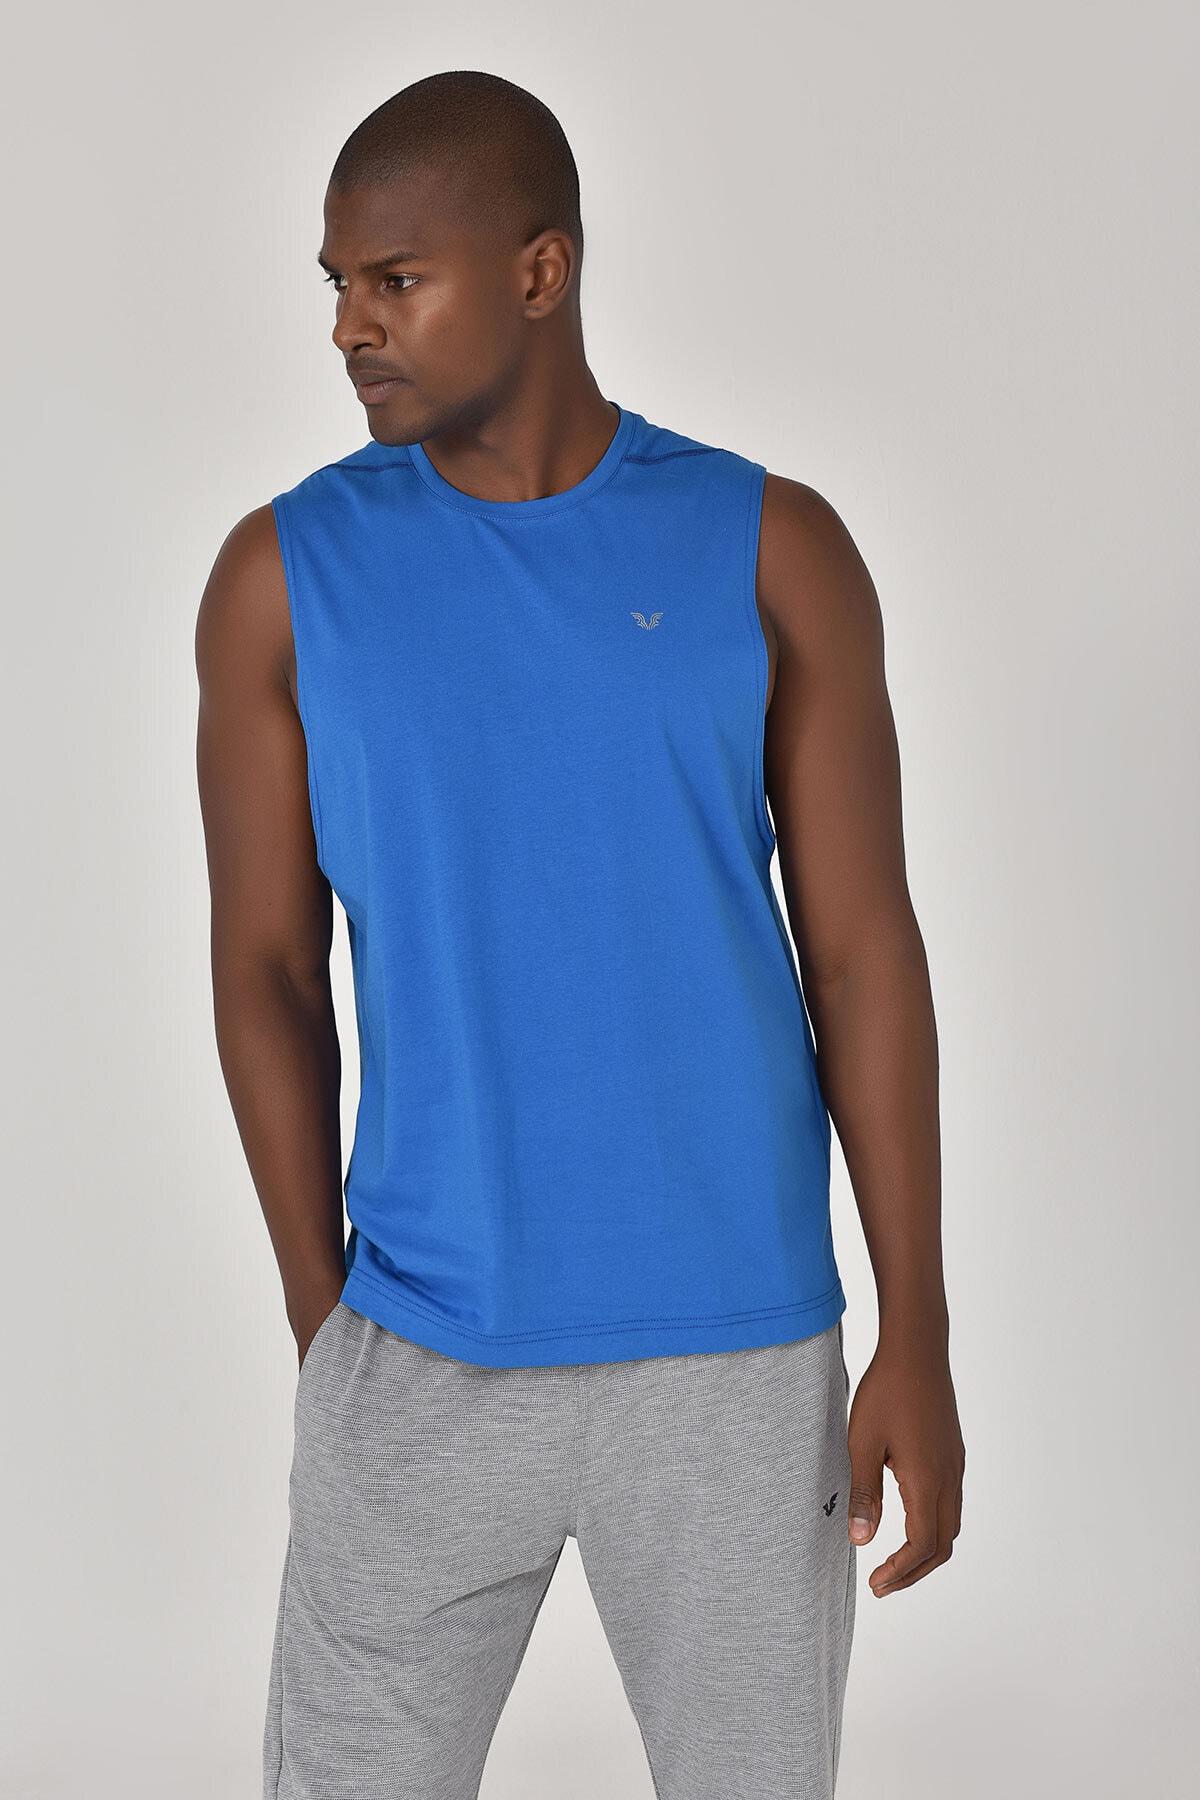 bilcee Mavi Erkek Örme Atlet GS-1622 1